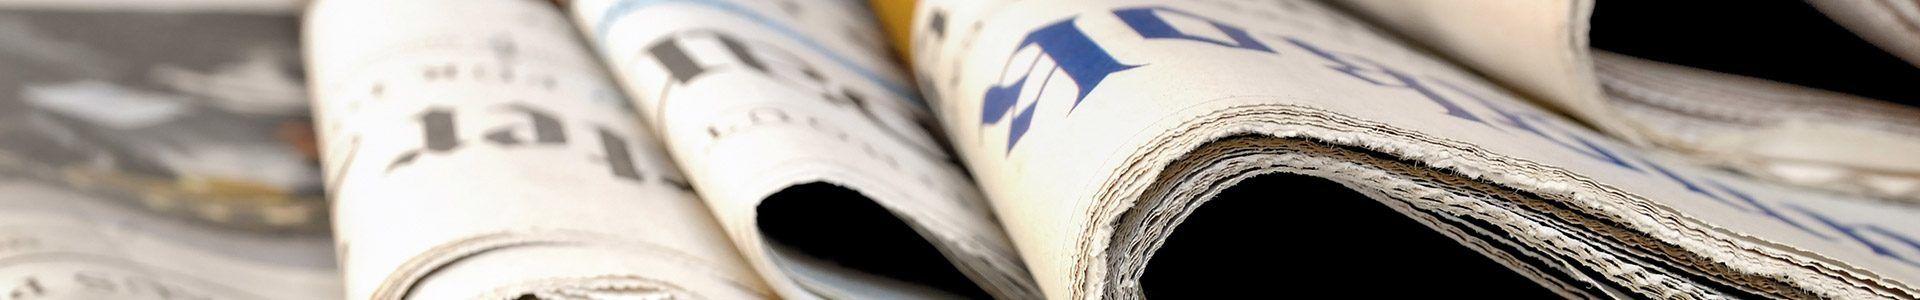 hoe heeft adverteren in de krant het meeste effect